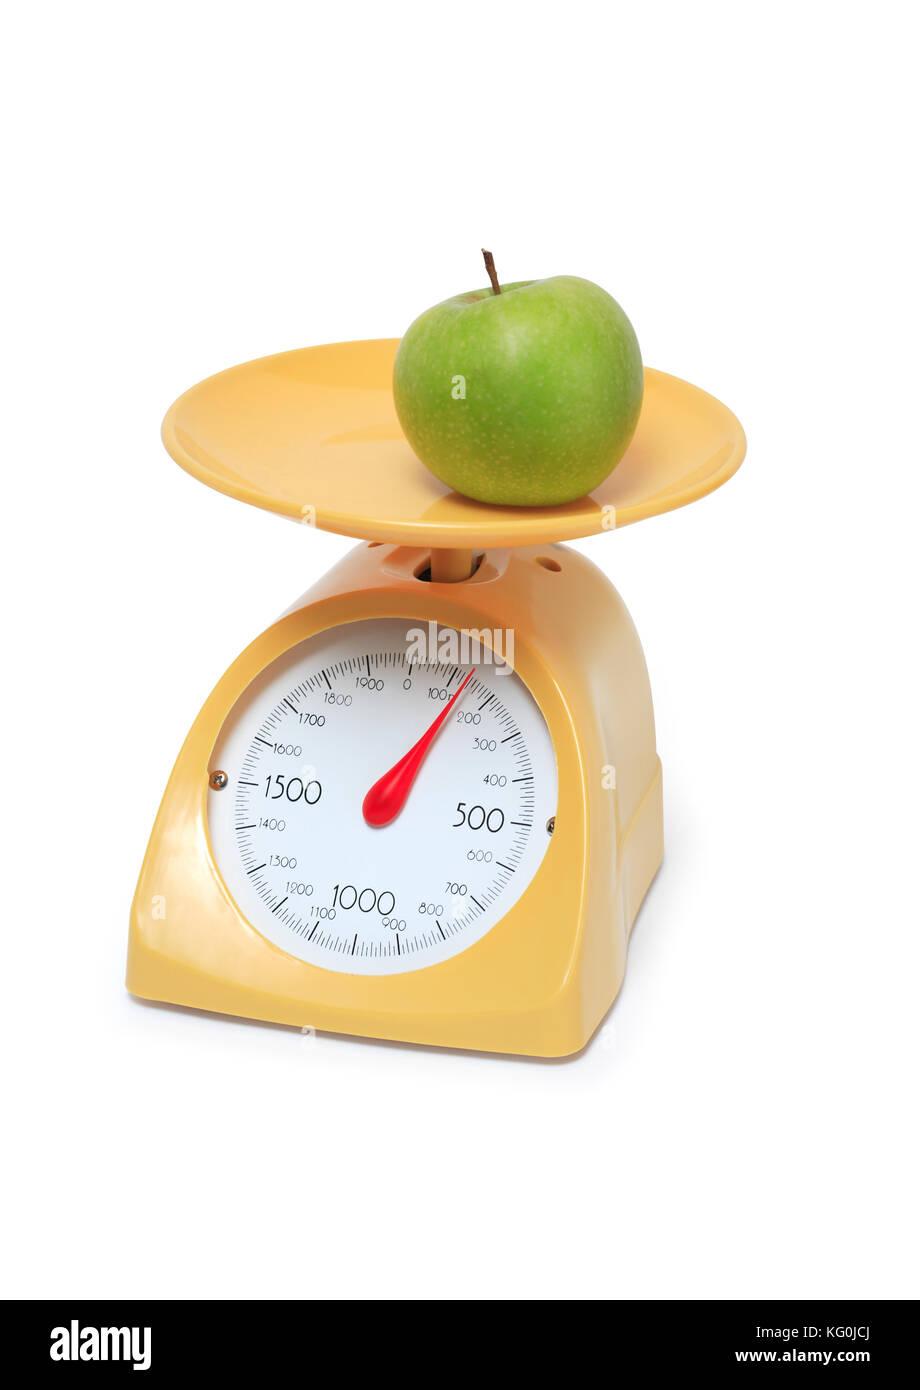 Bascula de cocina Manzana Vascula